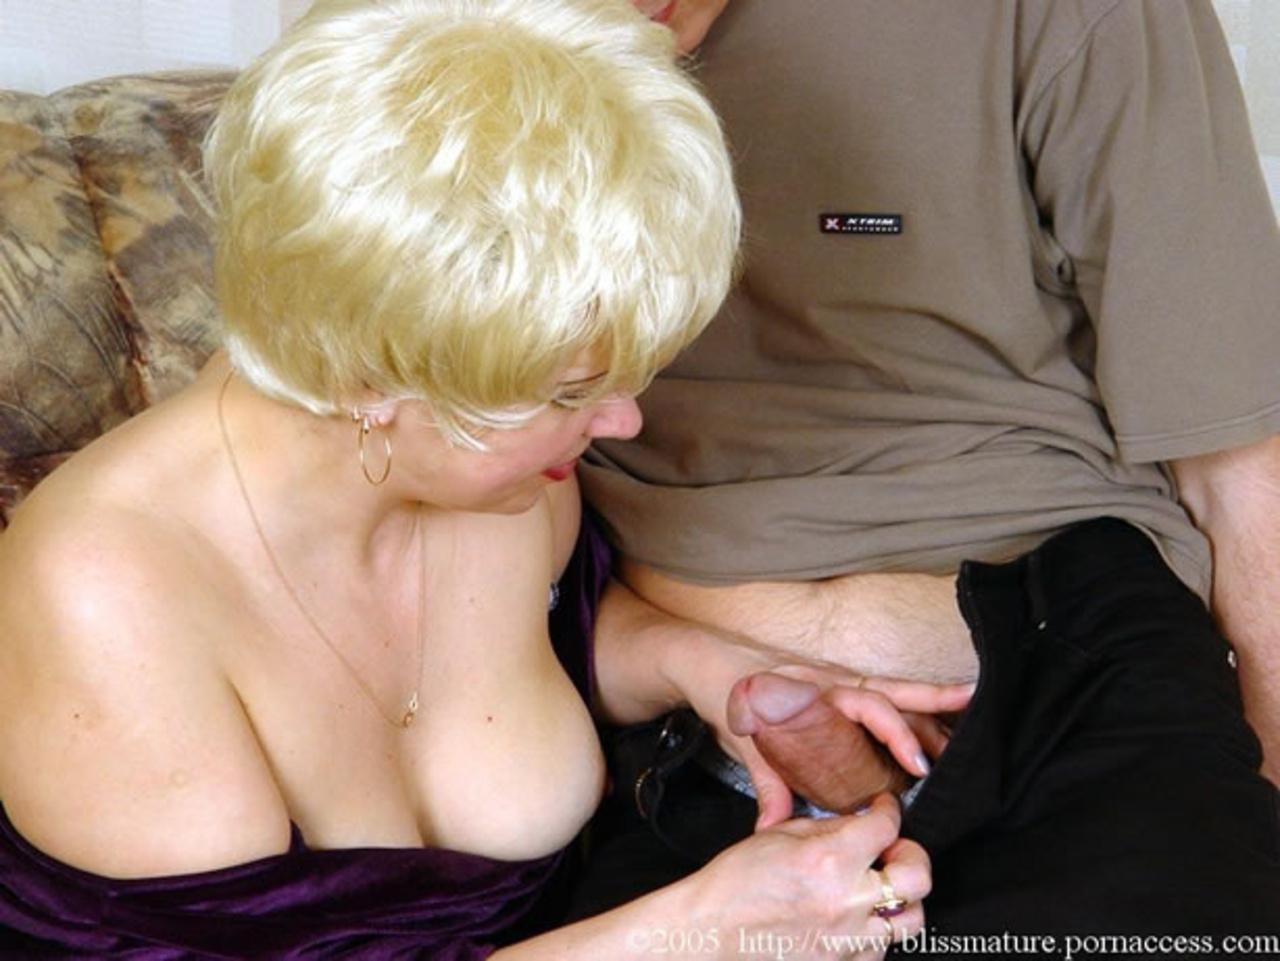 Рассказы молодой парень и взрослая женщина, Пожилые - Эротические рассказы 8 фотография